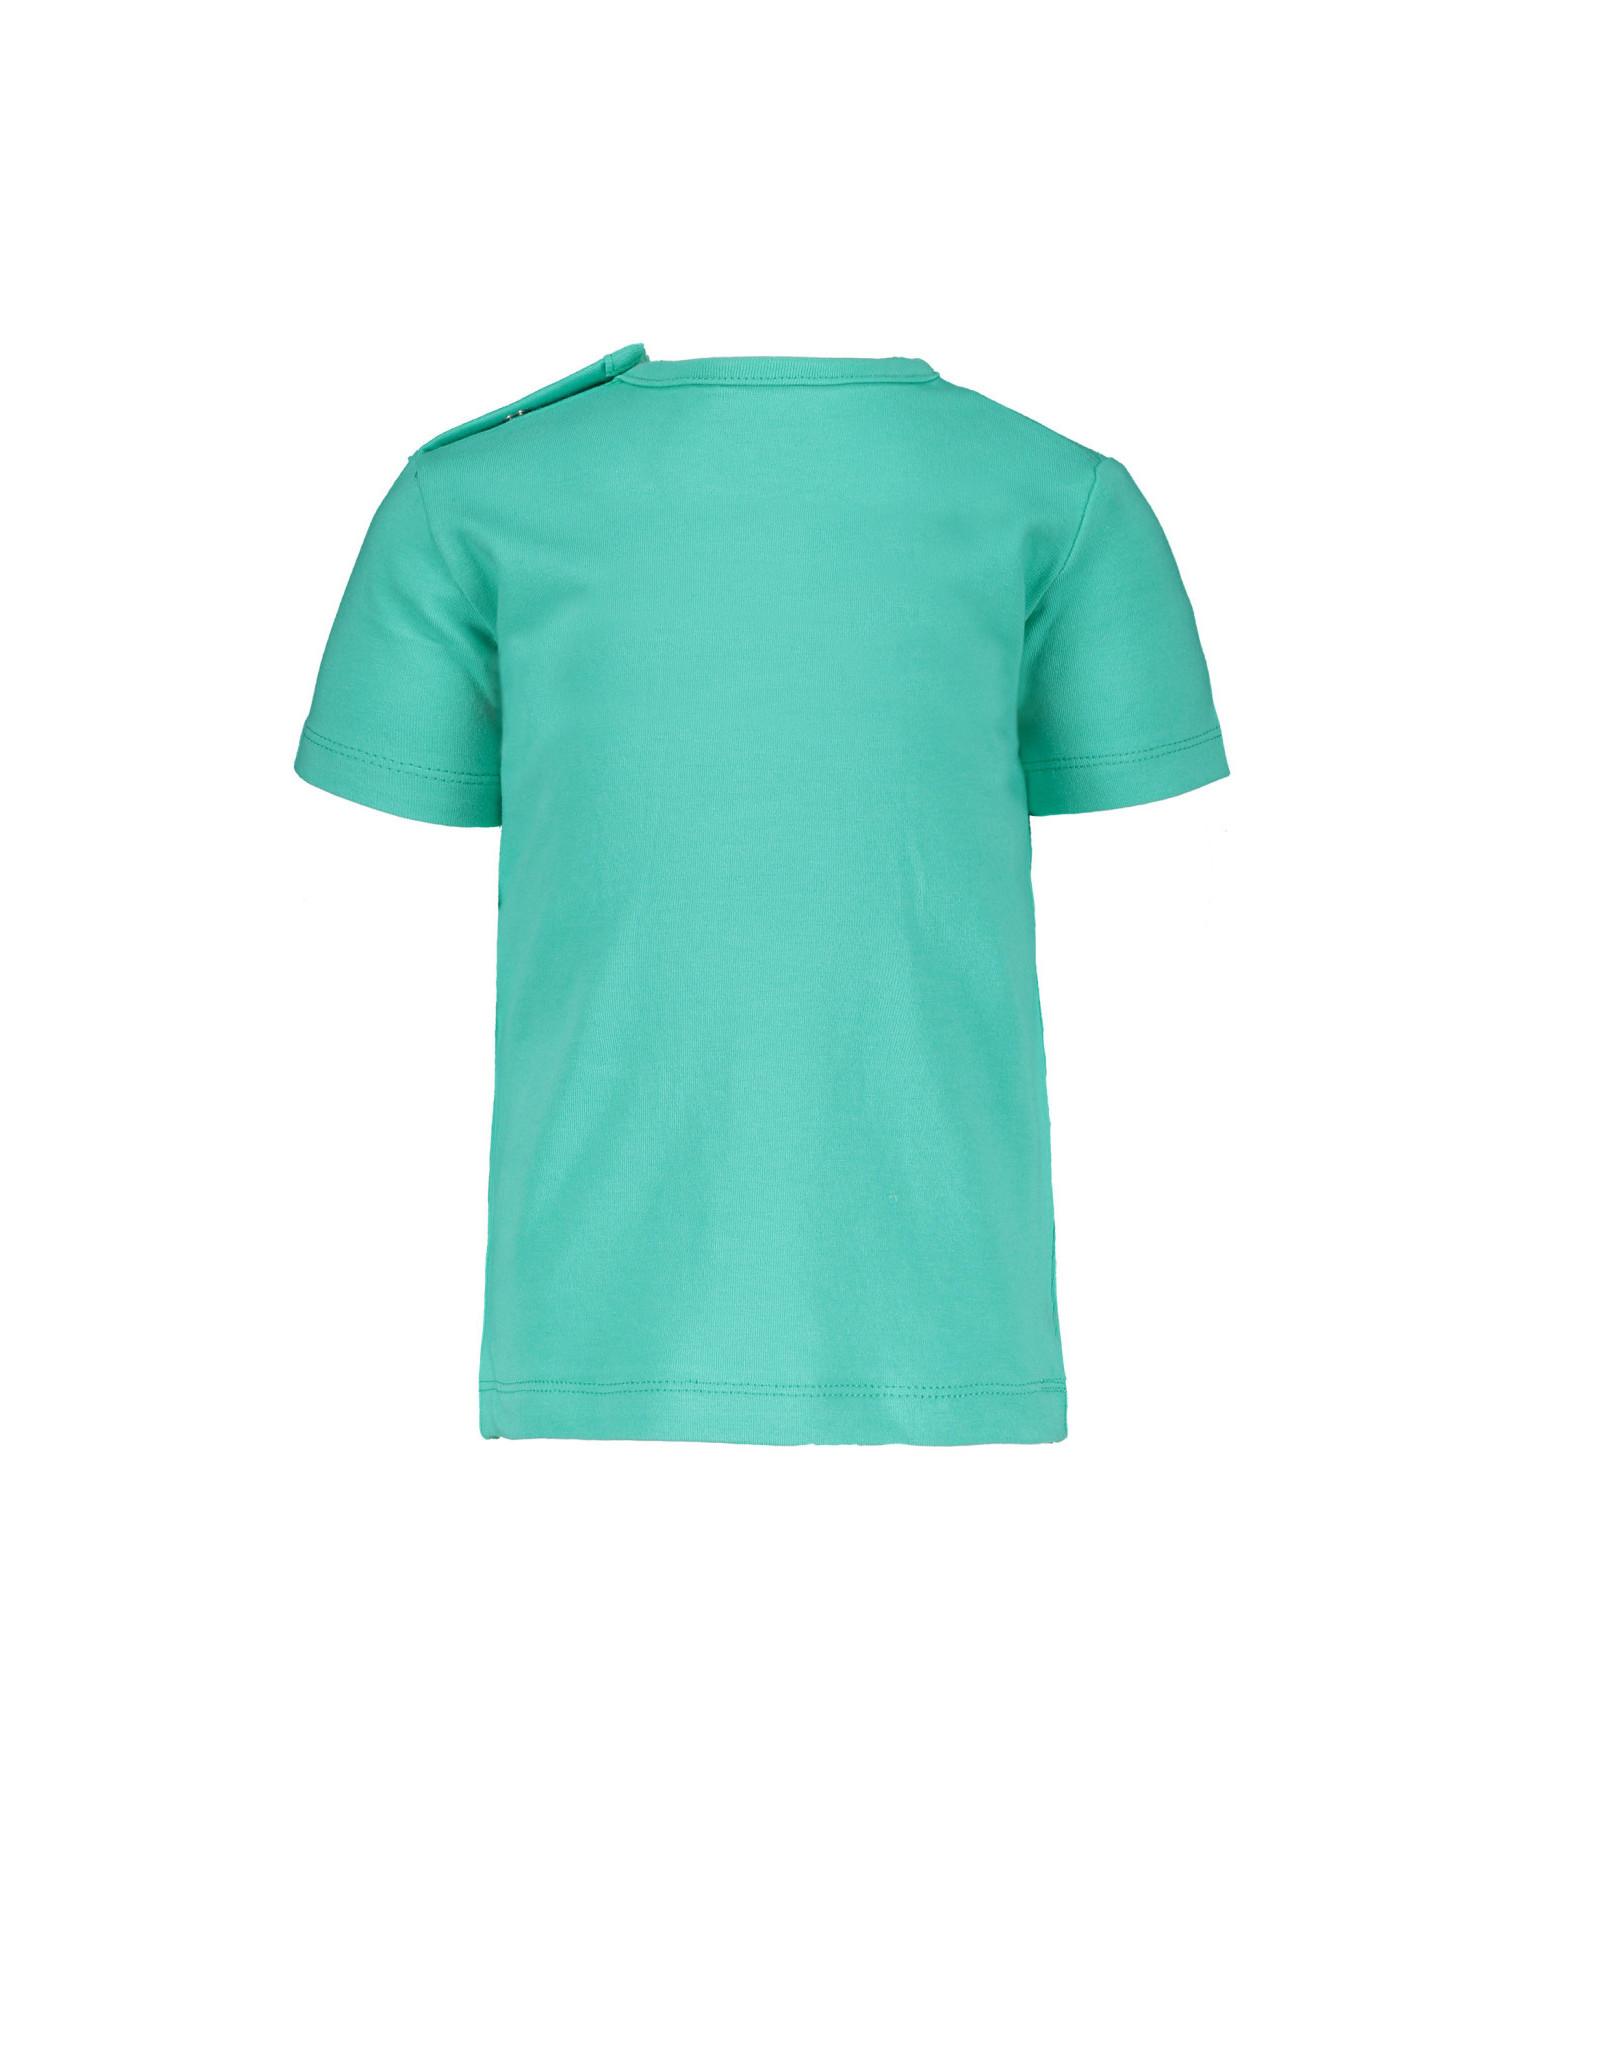 Bampidano Bampidano baby jongens t-shirt Enzo Green